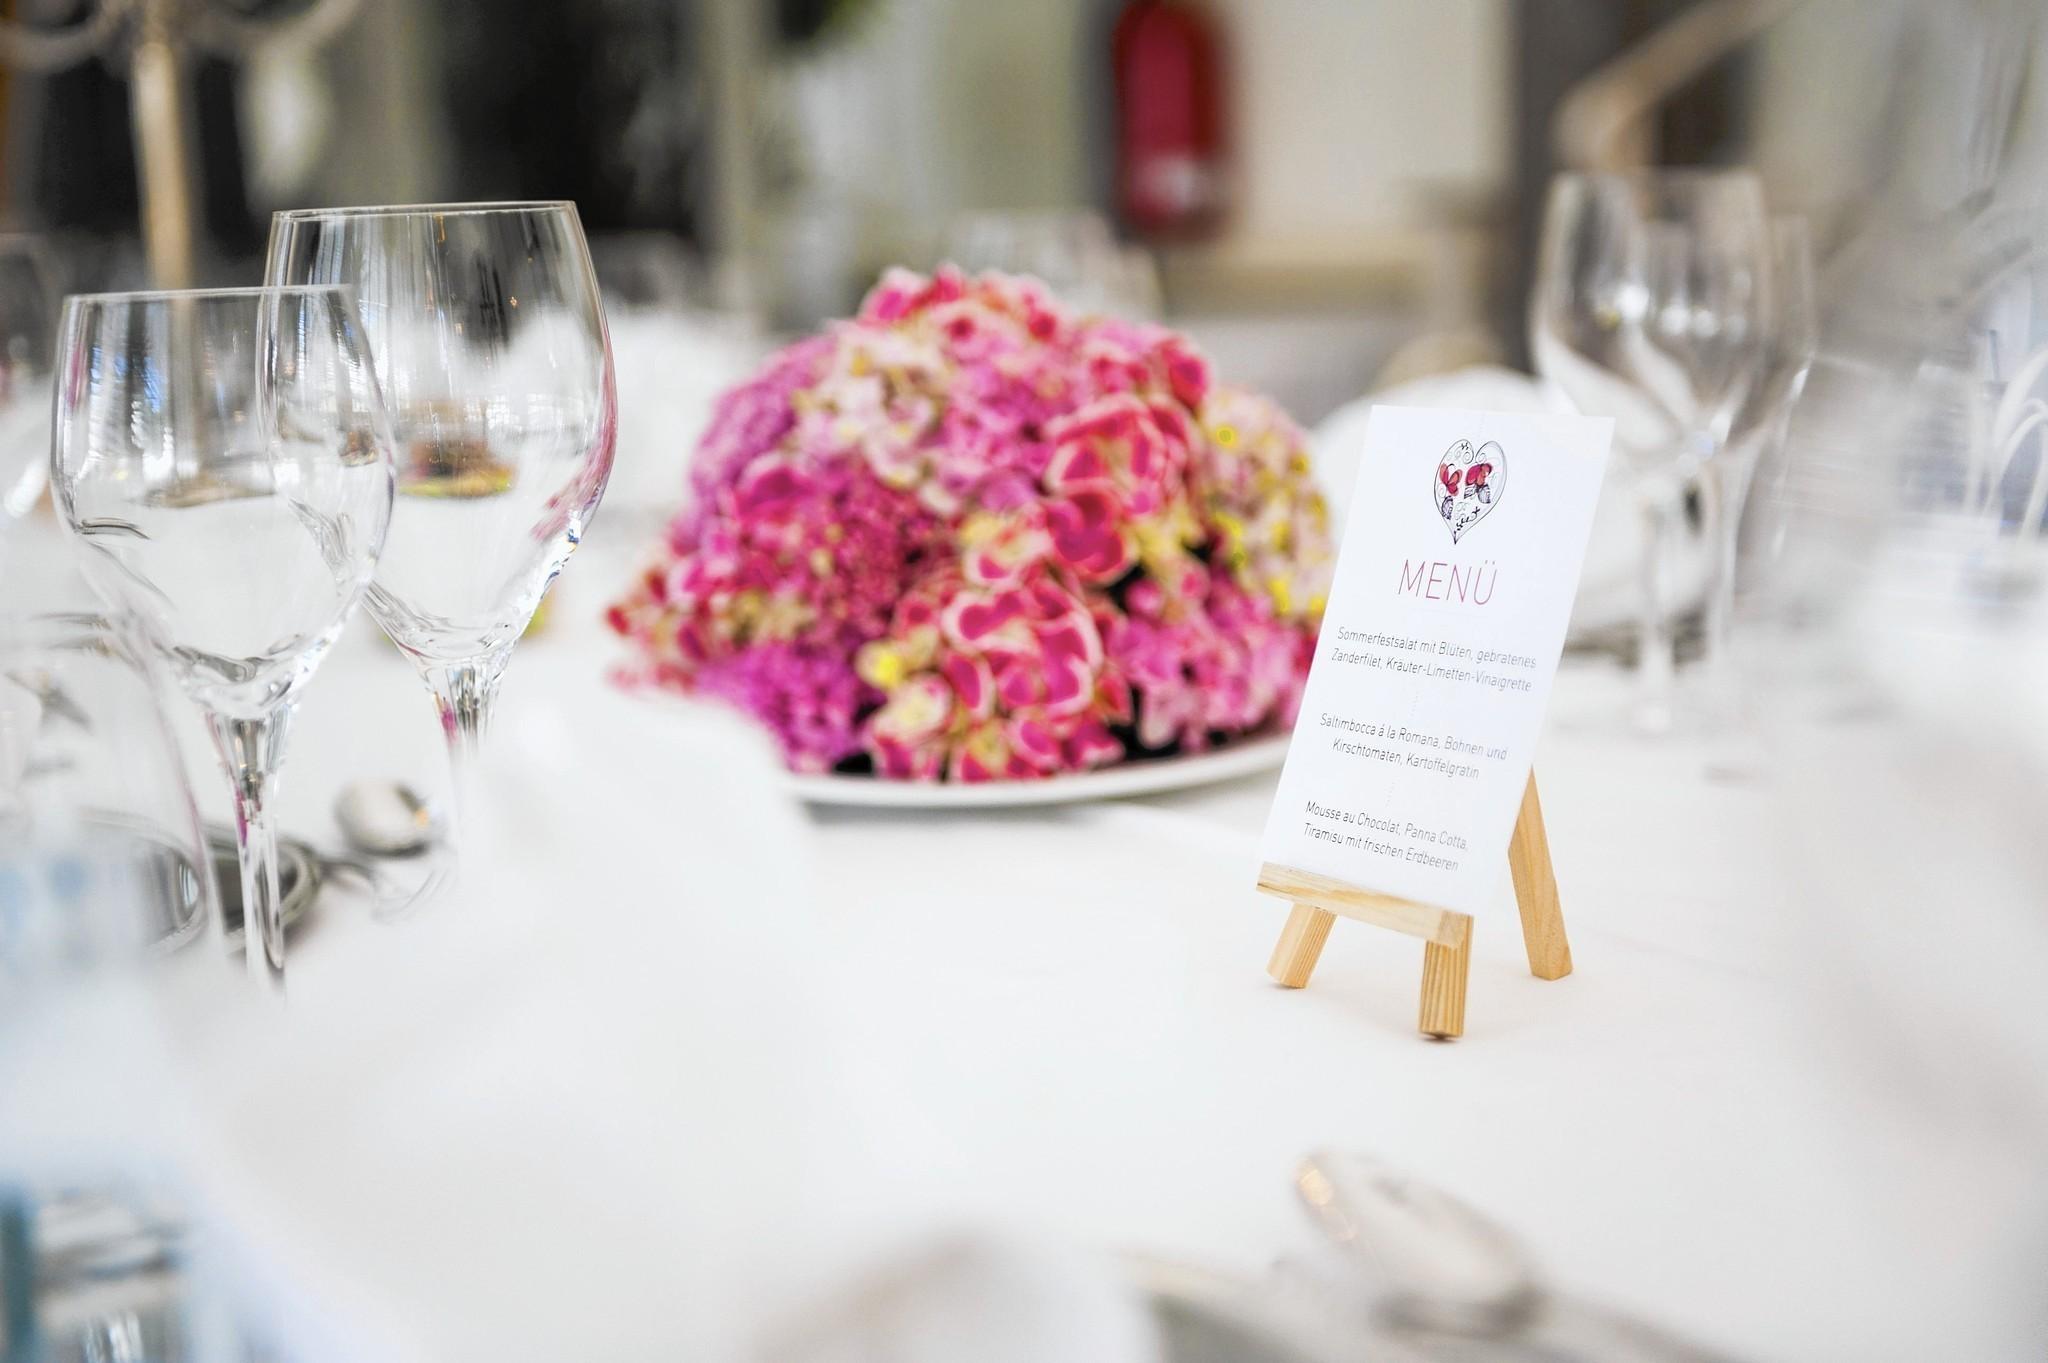 Breakdown of wedding costs - Chicago Tribune